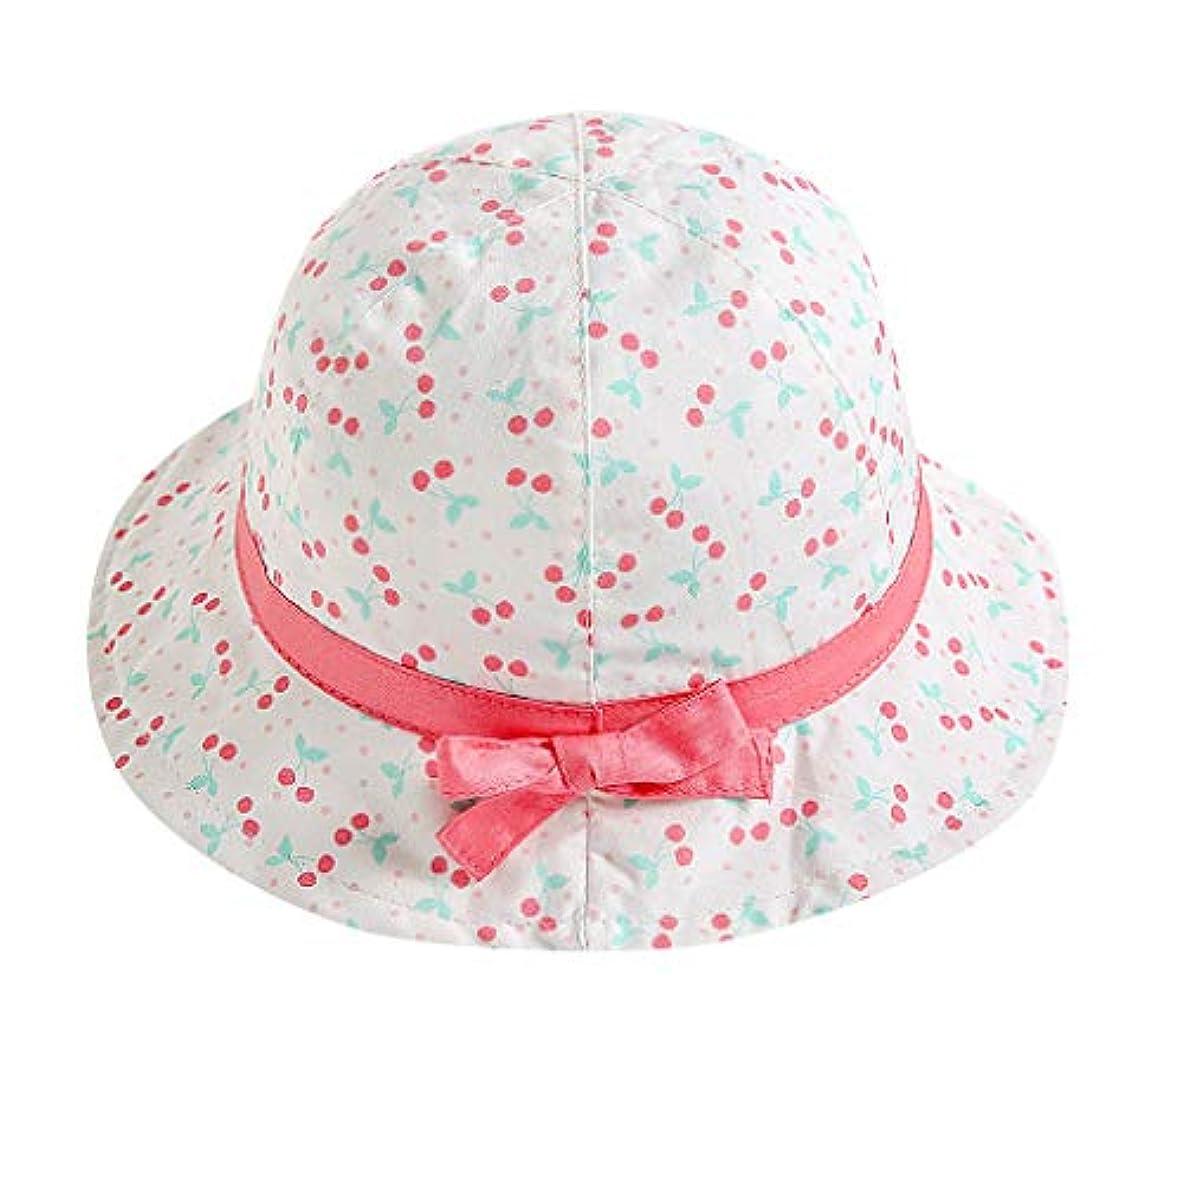 帽子 ハット キッズ女の赤ちゃんフルーツプリントちょう結びビーチキャッププリンセスサンプロテクション帽子